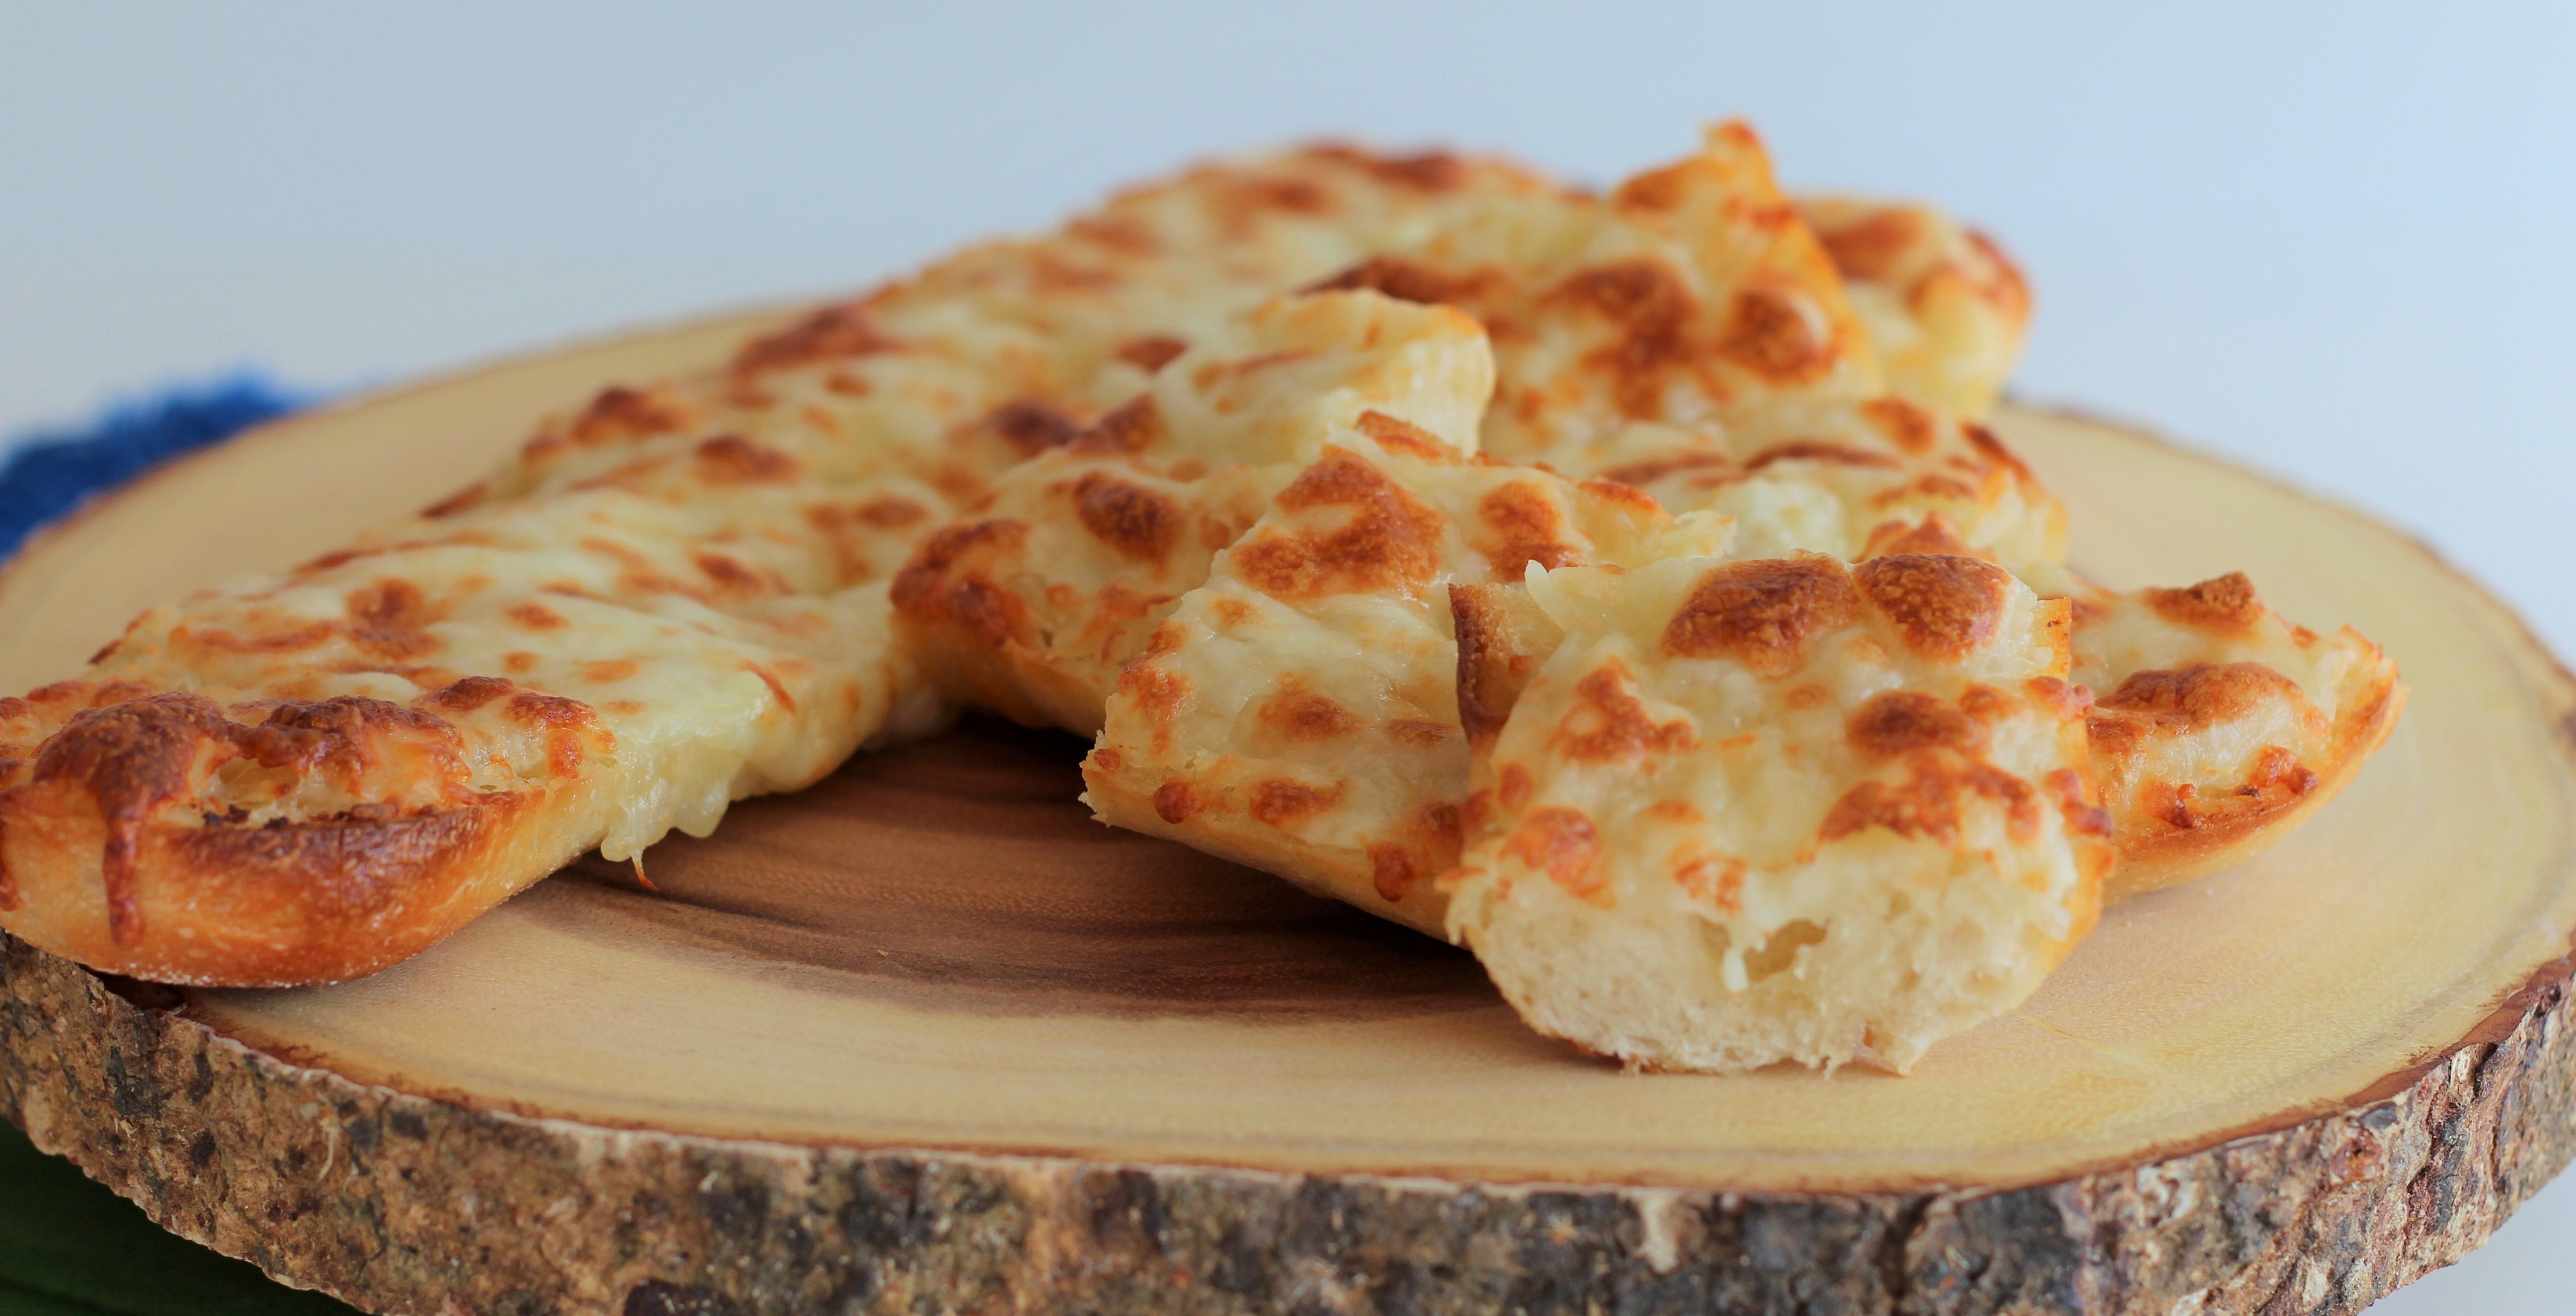 Resultado de imagem para pão de alho com queijo no forno